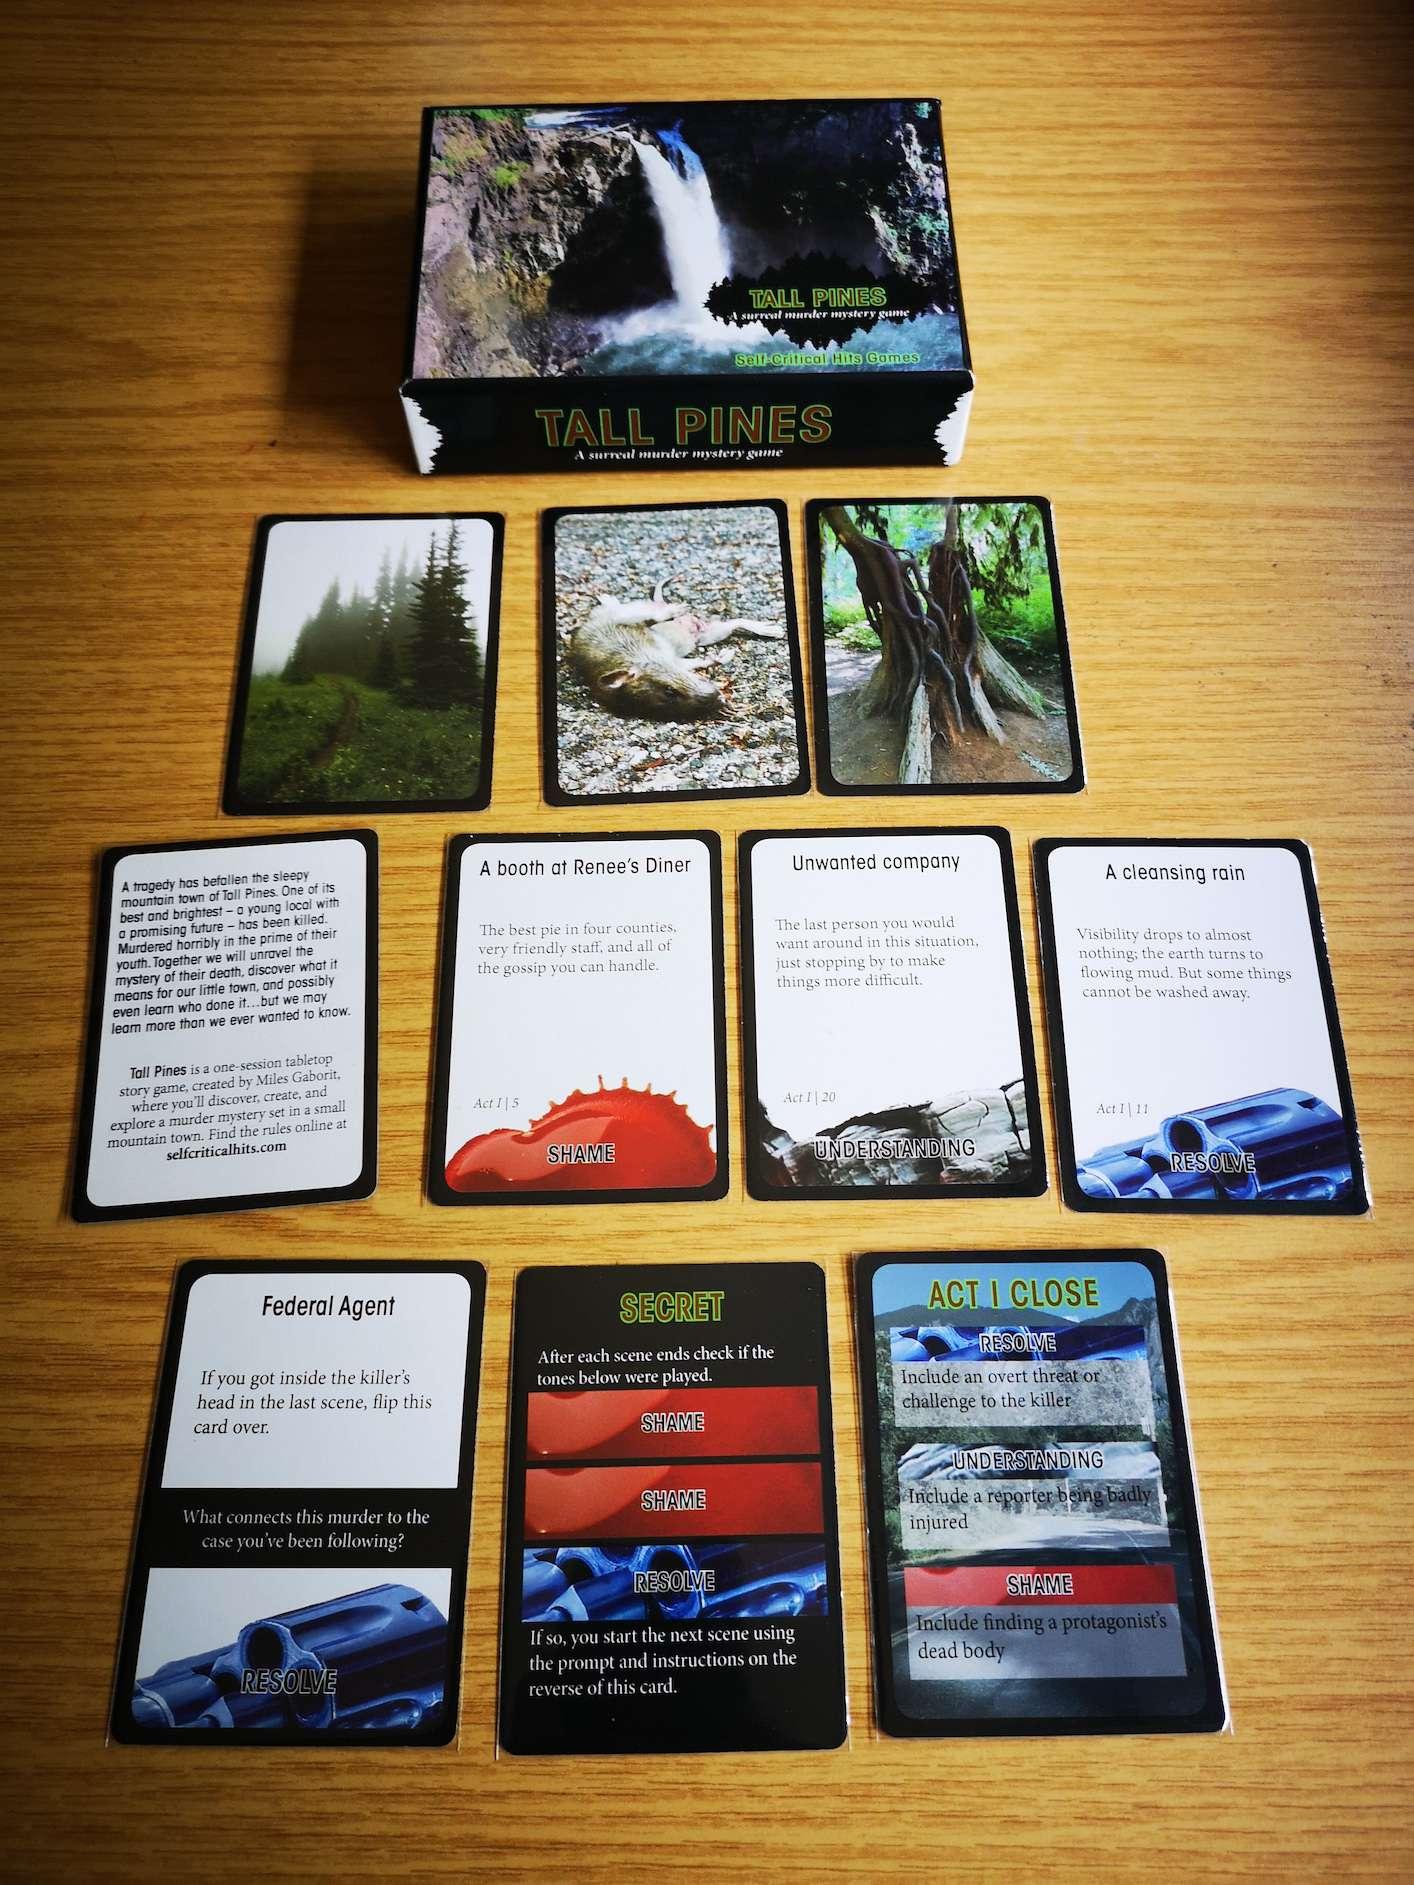 Ein paar beispielhafte Karten von jedem Typus, leichte Spoiler.